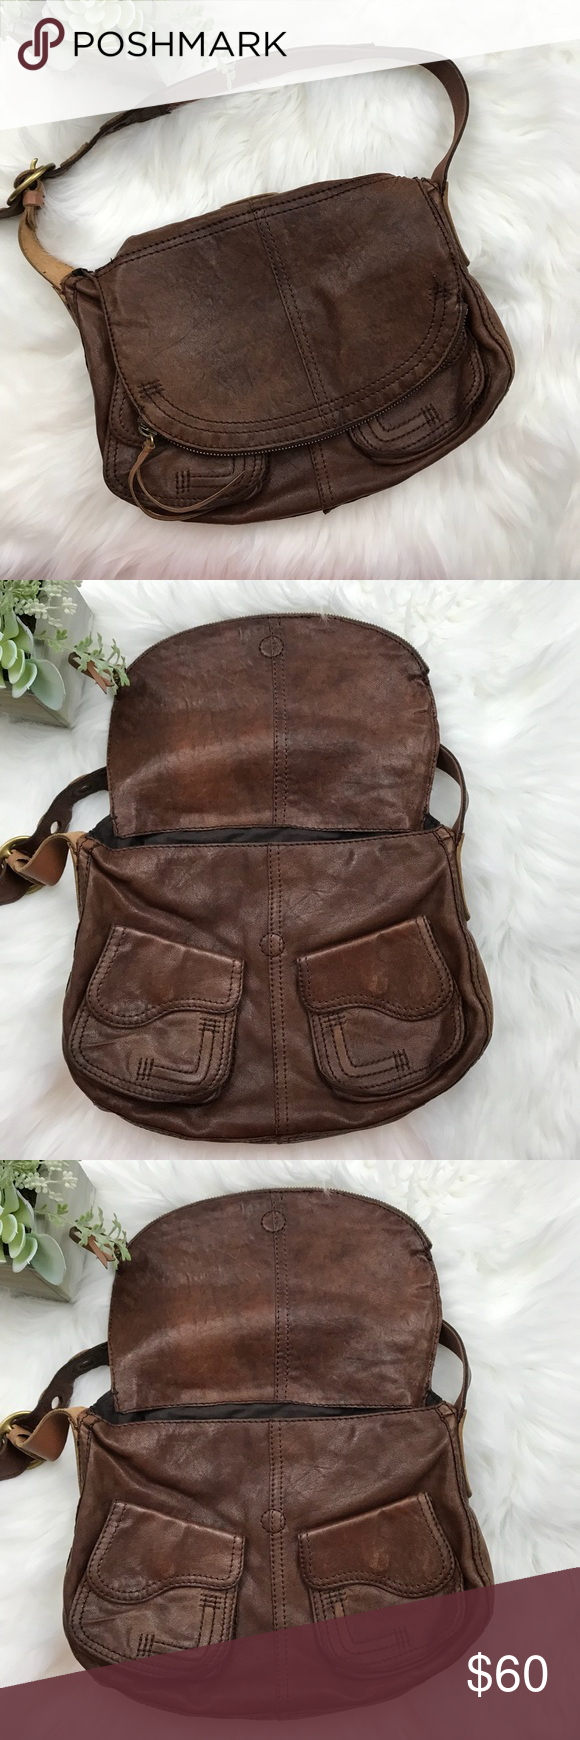 ... LUCKY BRAND Fold Over STASH Flap Hobo Bag LUCKY BRAND Fold Over STASH  Flap Hobo Bag ... 7df9f69f46